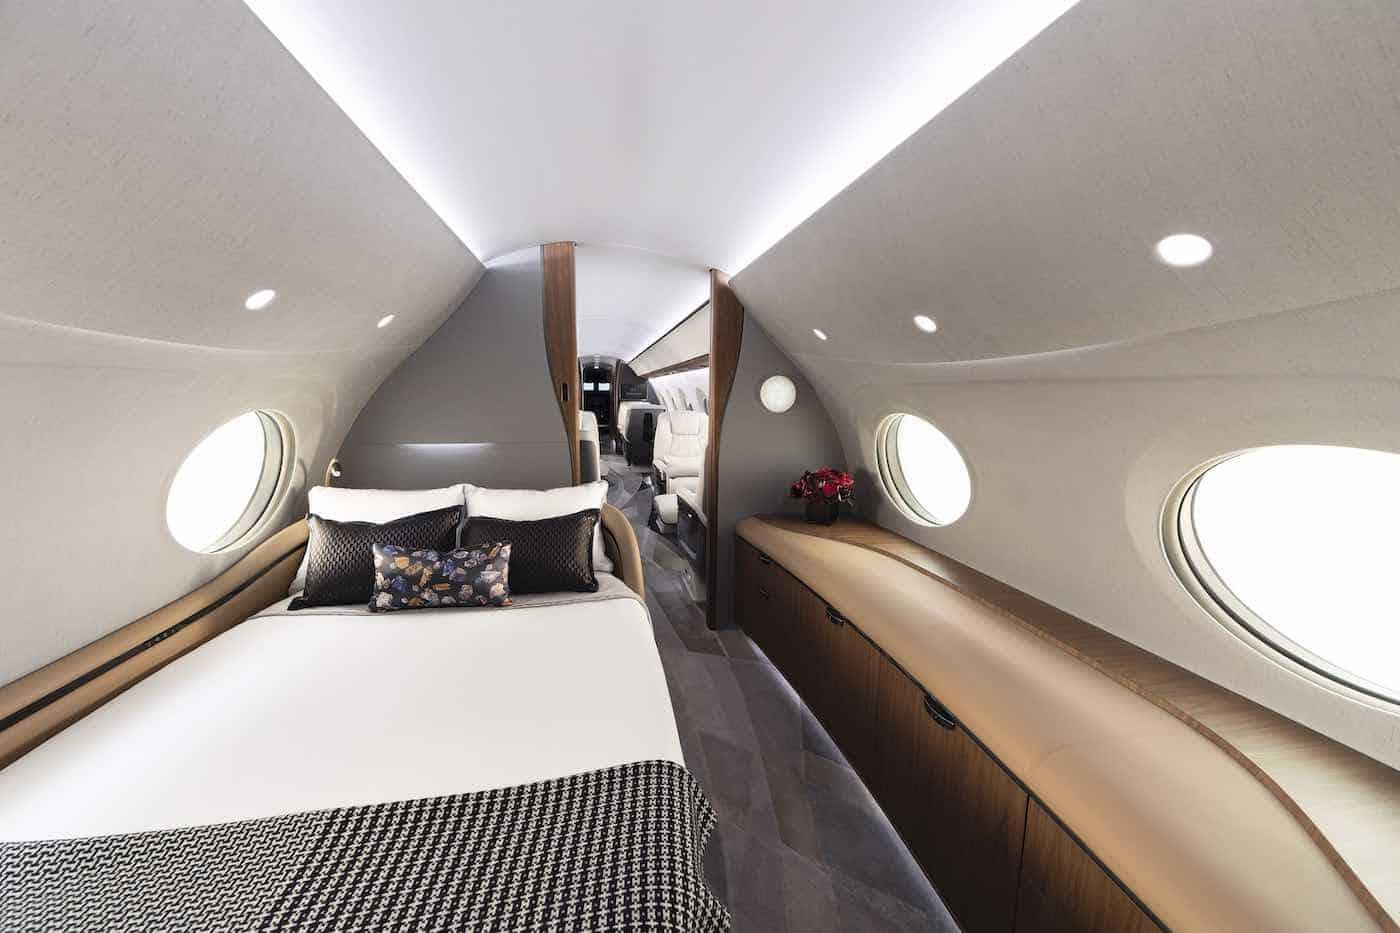 Gulfstream ha presentado el avión privado más grande del mundo, el G700